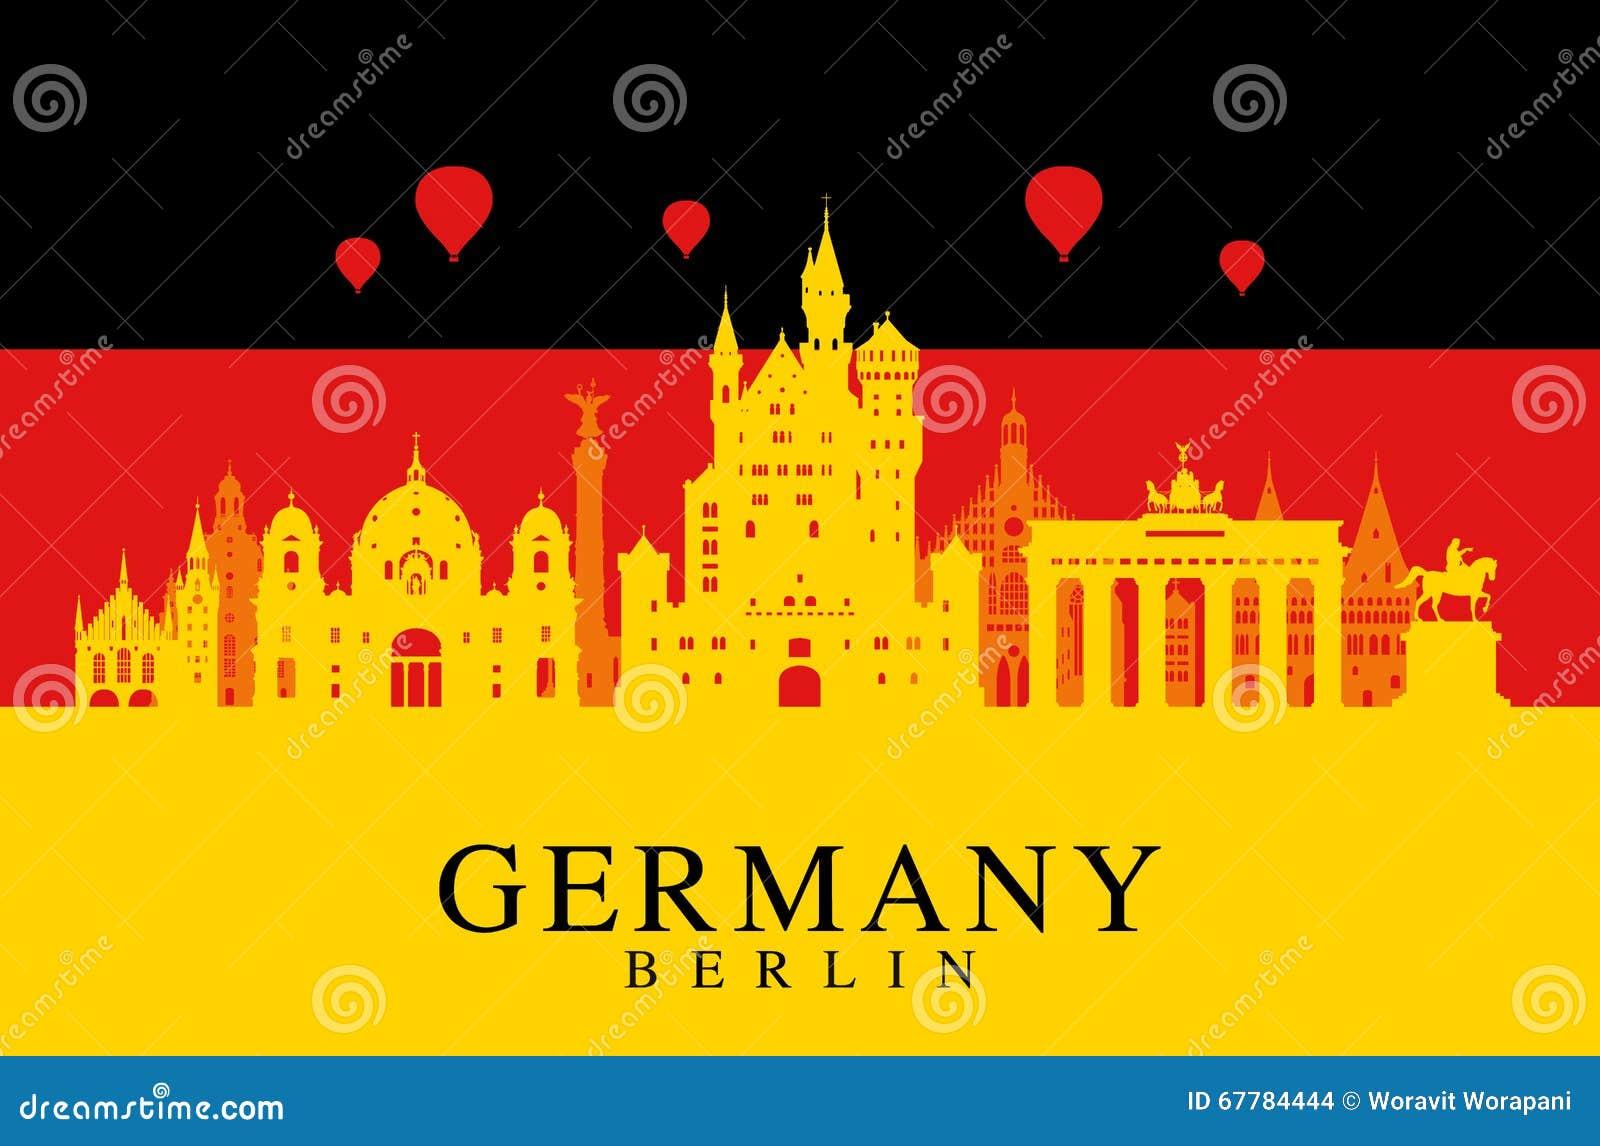 De vlag van Duitsland, de reisoriëntatiepunt van Berlijn